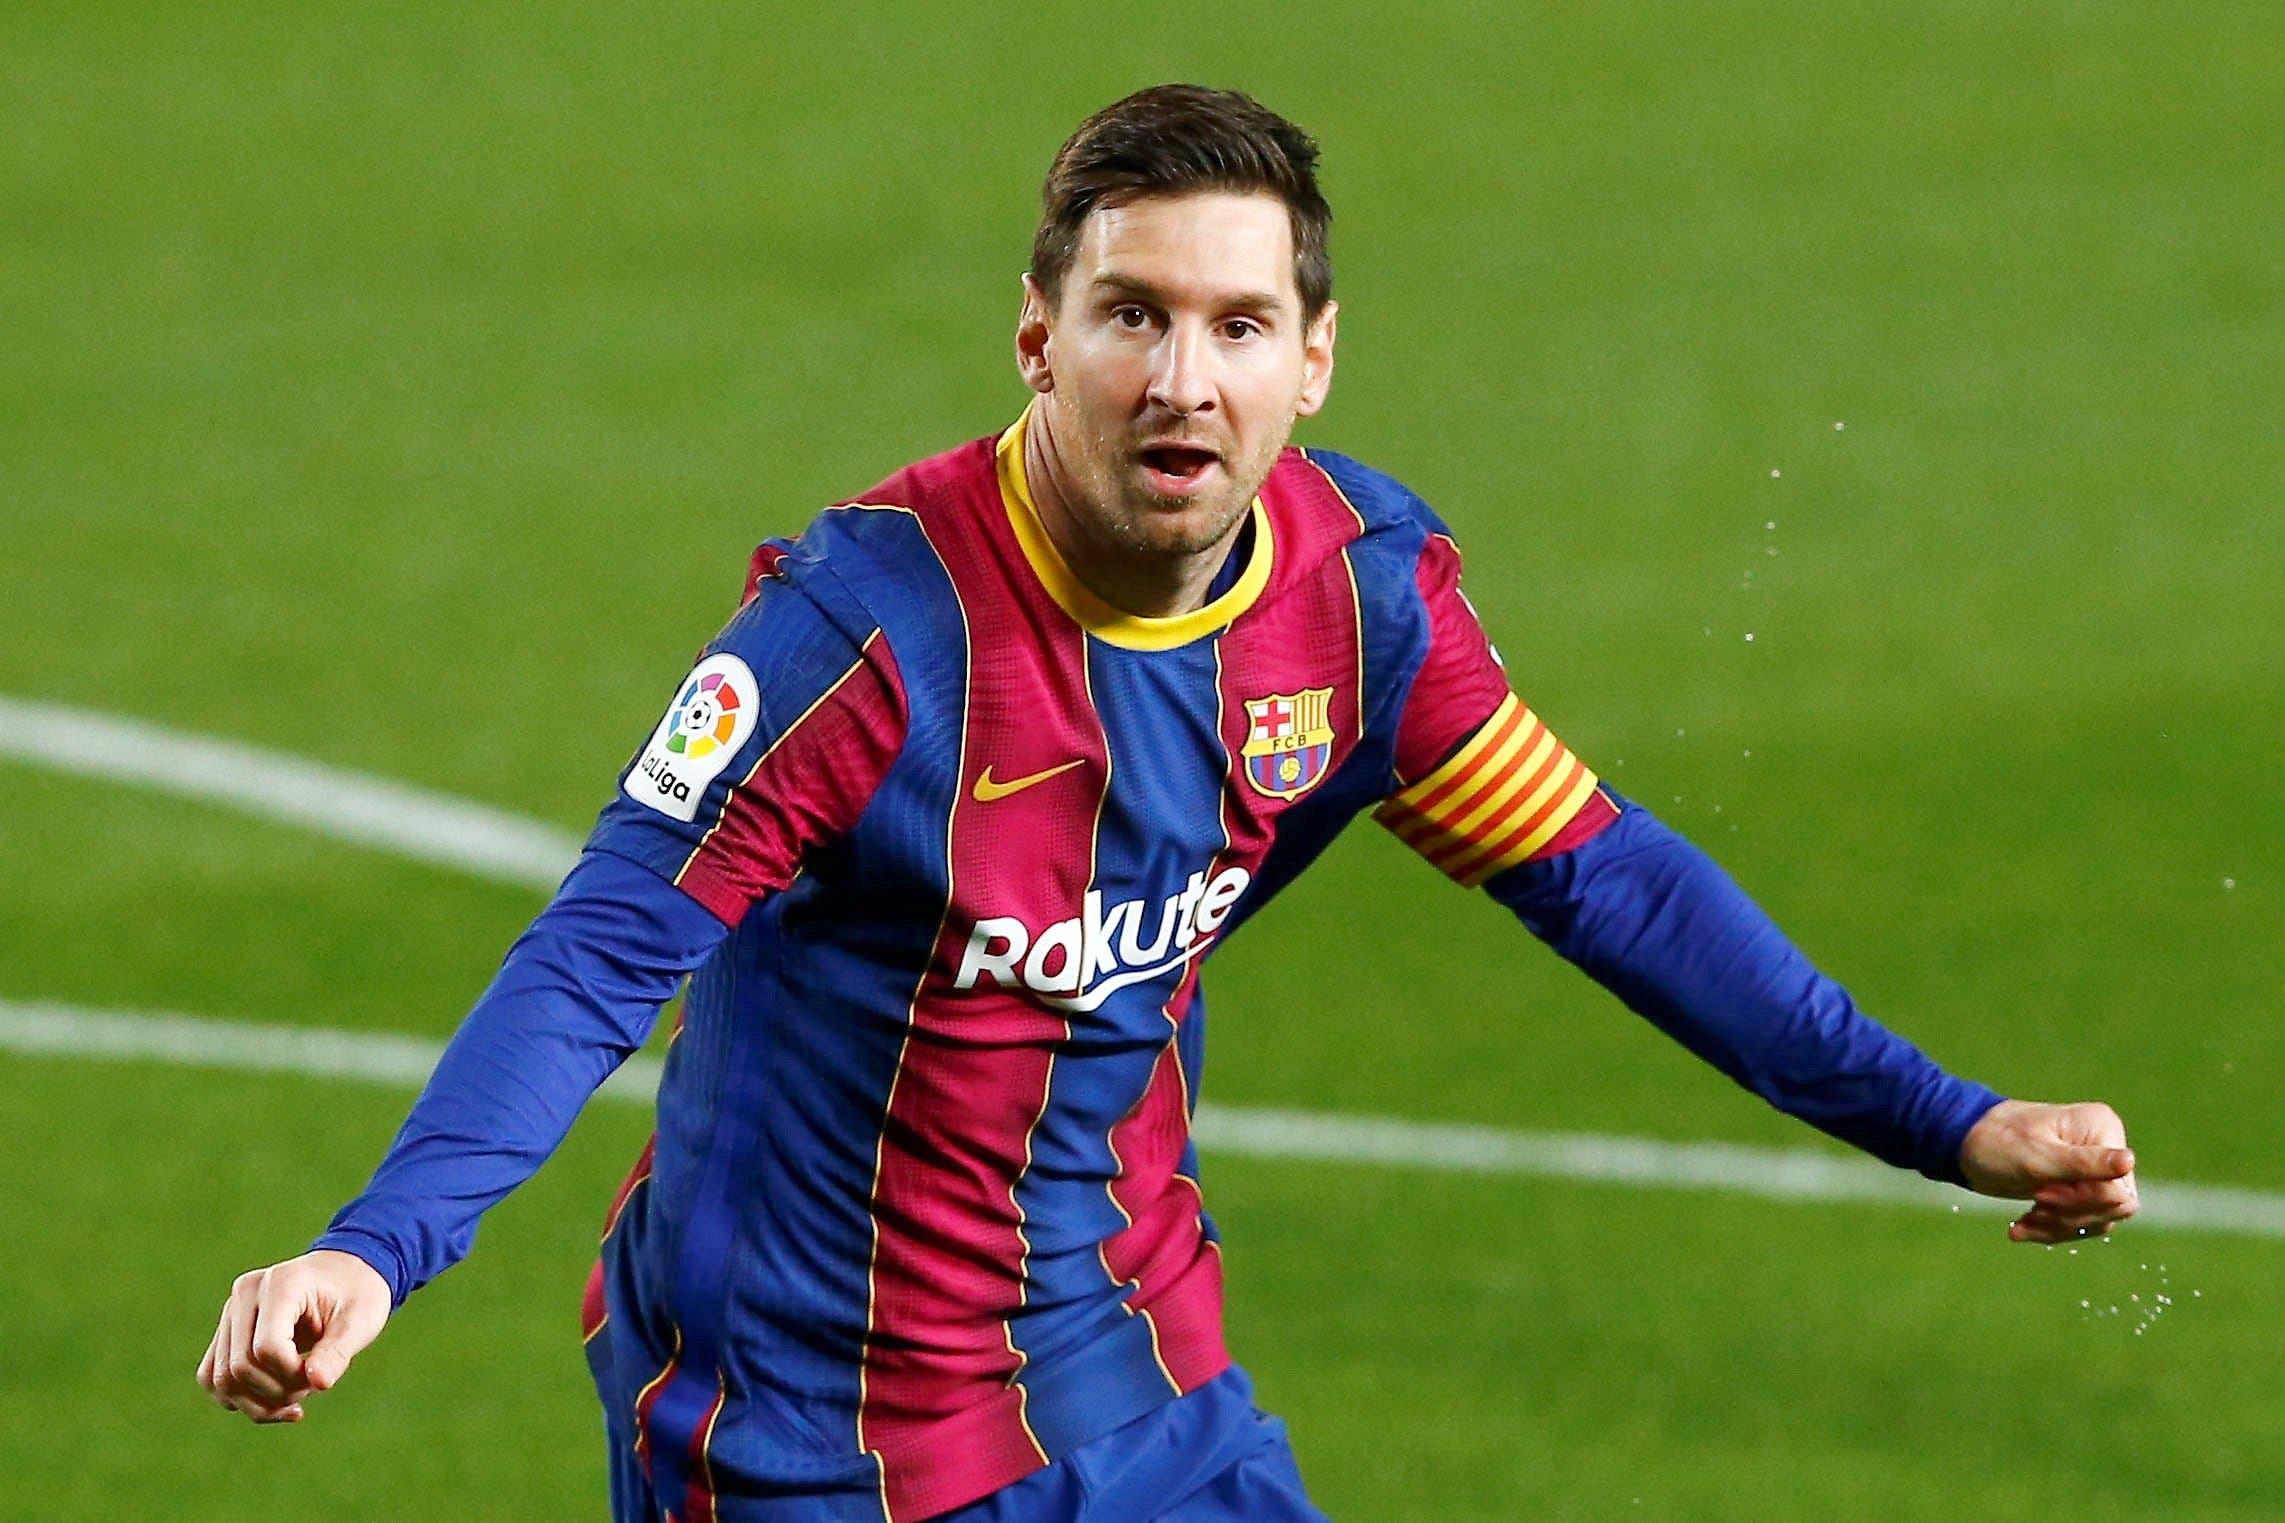 Los récords que a Messi aún le quedan por batir con el Barcelona